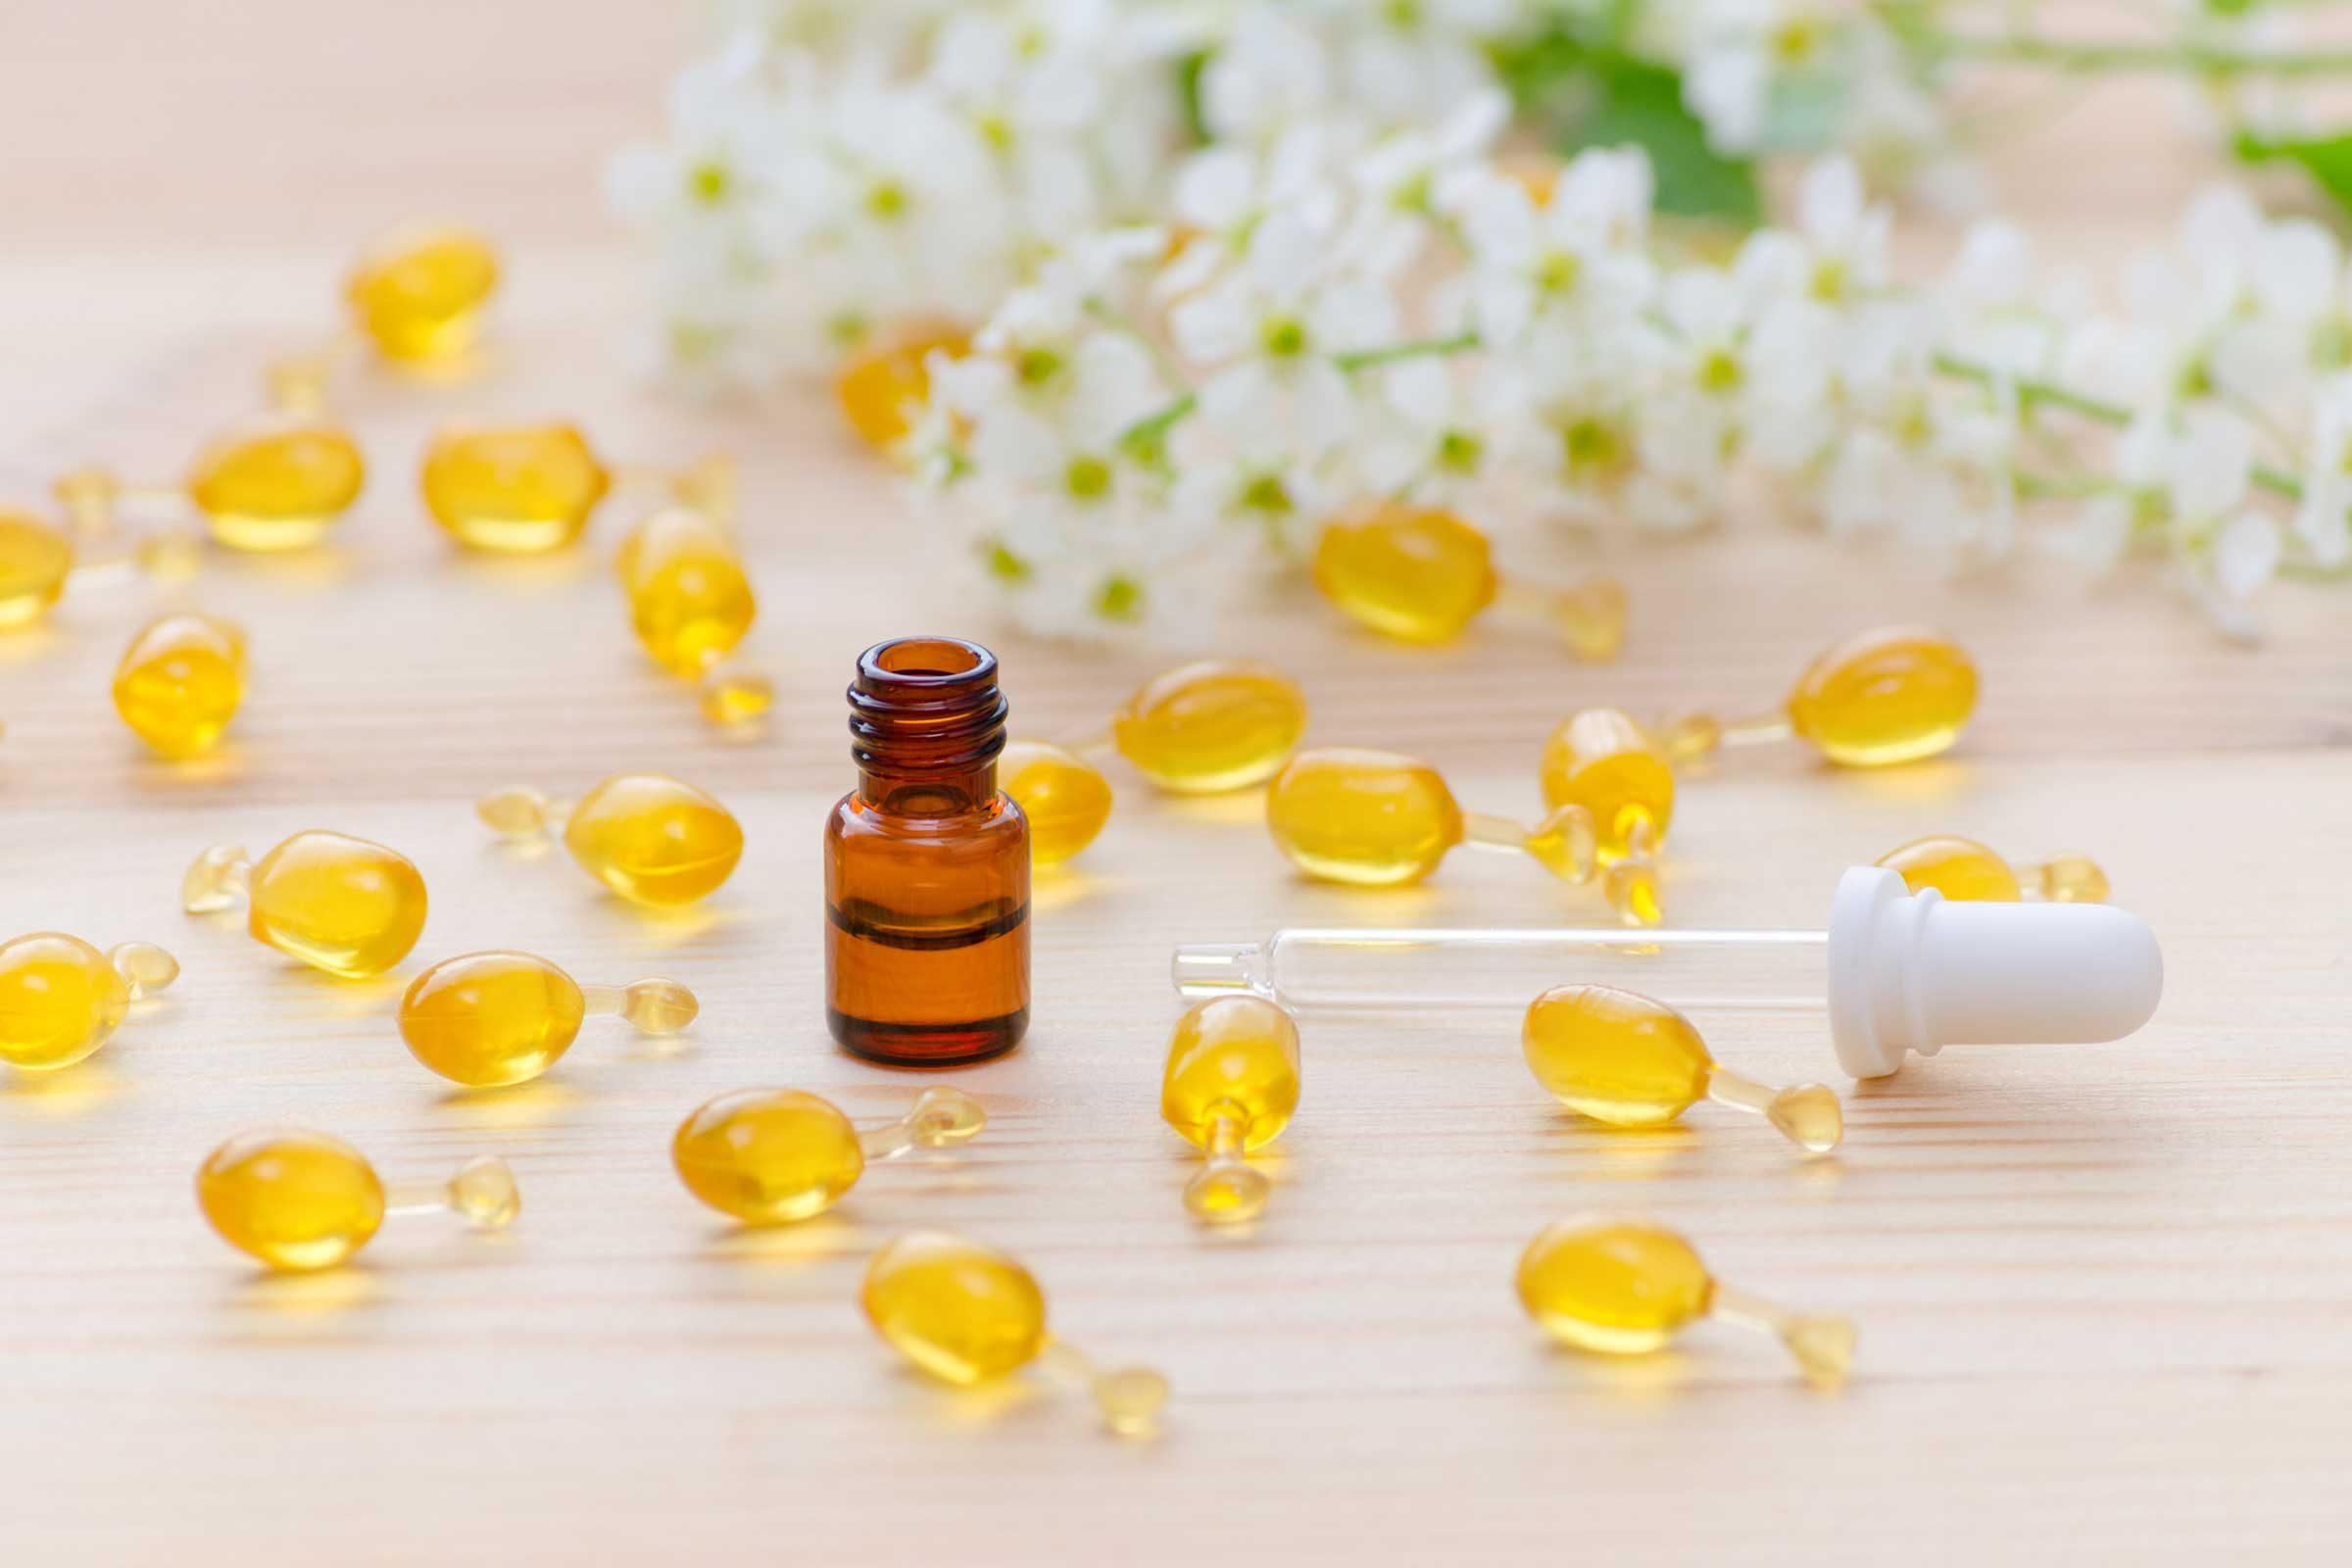 L'huile de néroli est reconnue pour stimuler la circulation sanguine